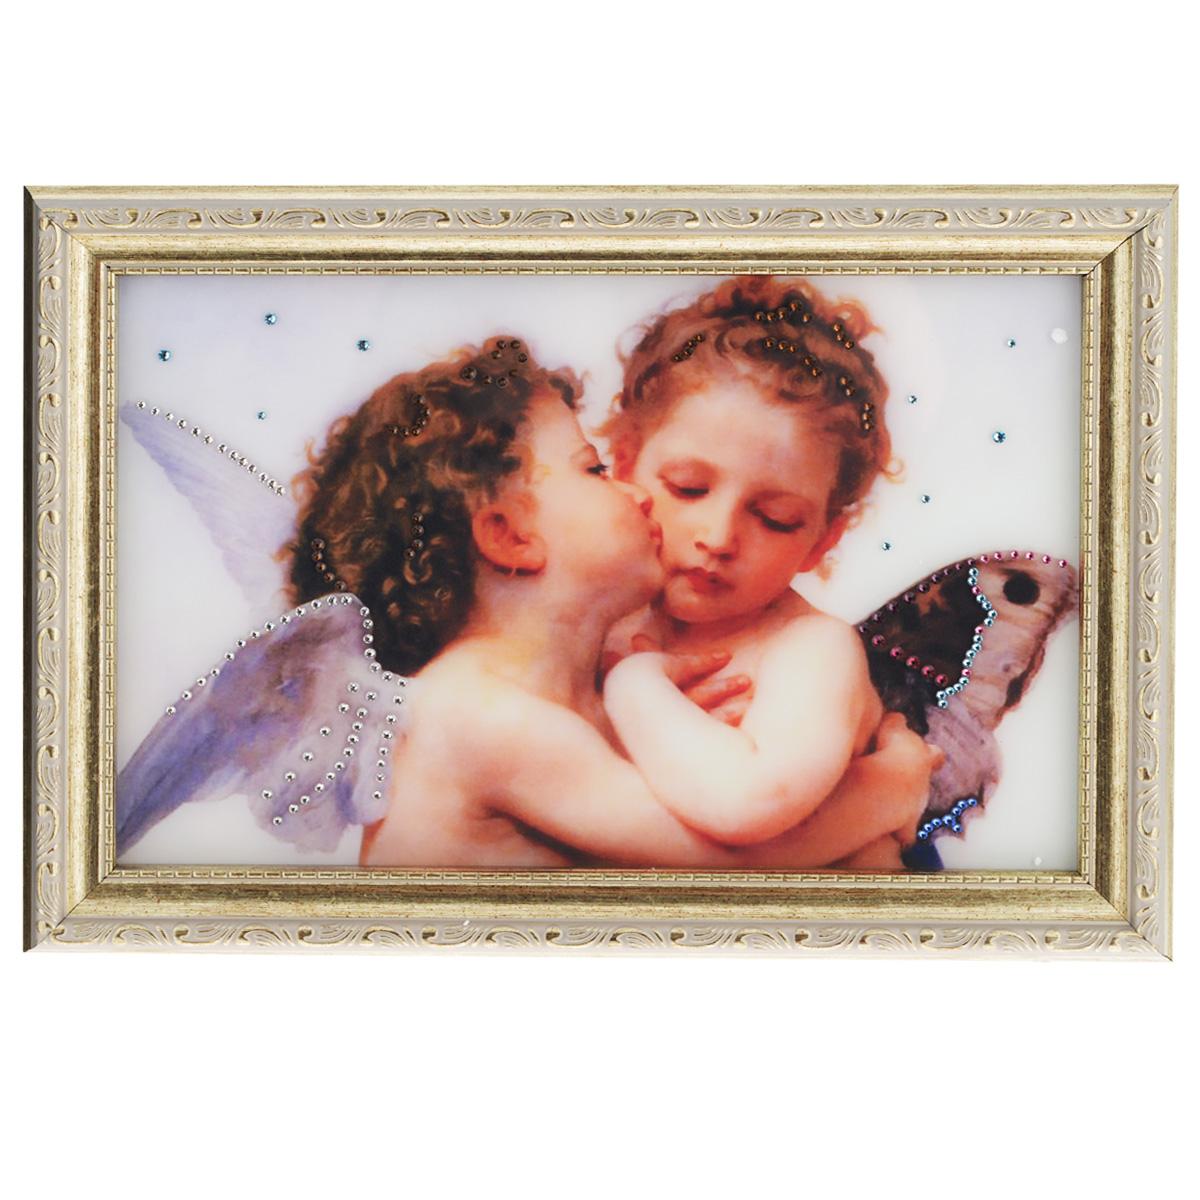 Картина с кристаллами Swarovski Поцелуй Валентина, 35 х 25 см1329Изящная картина в багетной раме, инкрустирована кристаллами Swarovski, которые отличаются четкой и ровной огранкой, ярким блеском и чистотой цвета. Красочное изображение поцелуя Валентина, расположенное под стеклом, прекрасно дополняет блеск кристаллов. С обратной стороны имеется металлическая проволока для размещения картины на стене. Картина с кристаллами Swarovski Поцелуй Валентина элегантно украсит интерьер дома или офиса, а также станет прекрасным подарком, который обязательно понравится получателю. Блеск кристаллов в интерьере, что может быть сказочнее и удивительнее. Картина упакована в подарочную картонную коробку синего цвета и комплектуется сертификатом соответствия Swarovski.